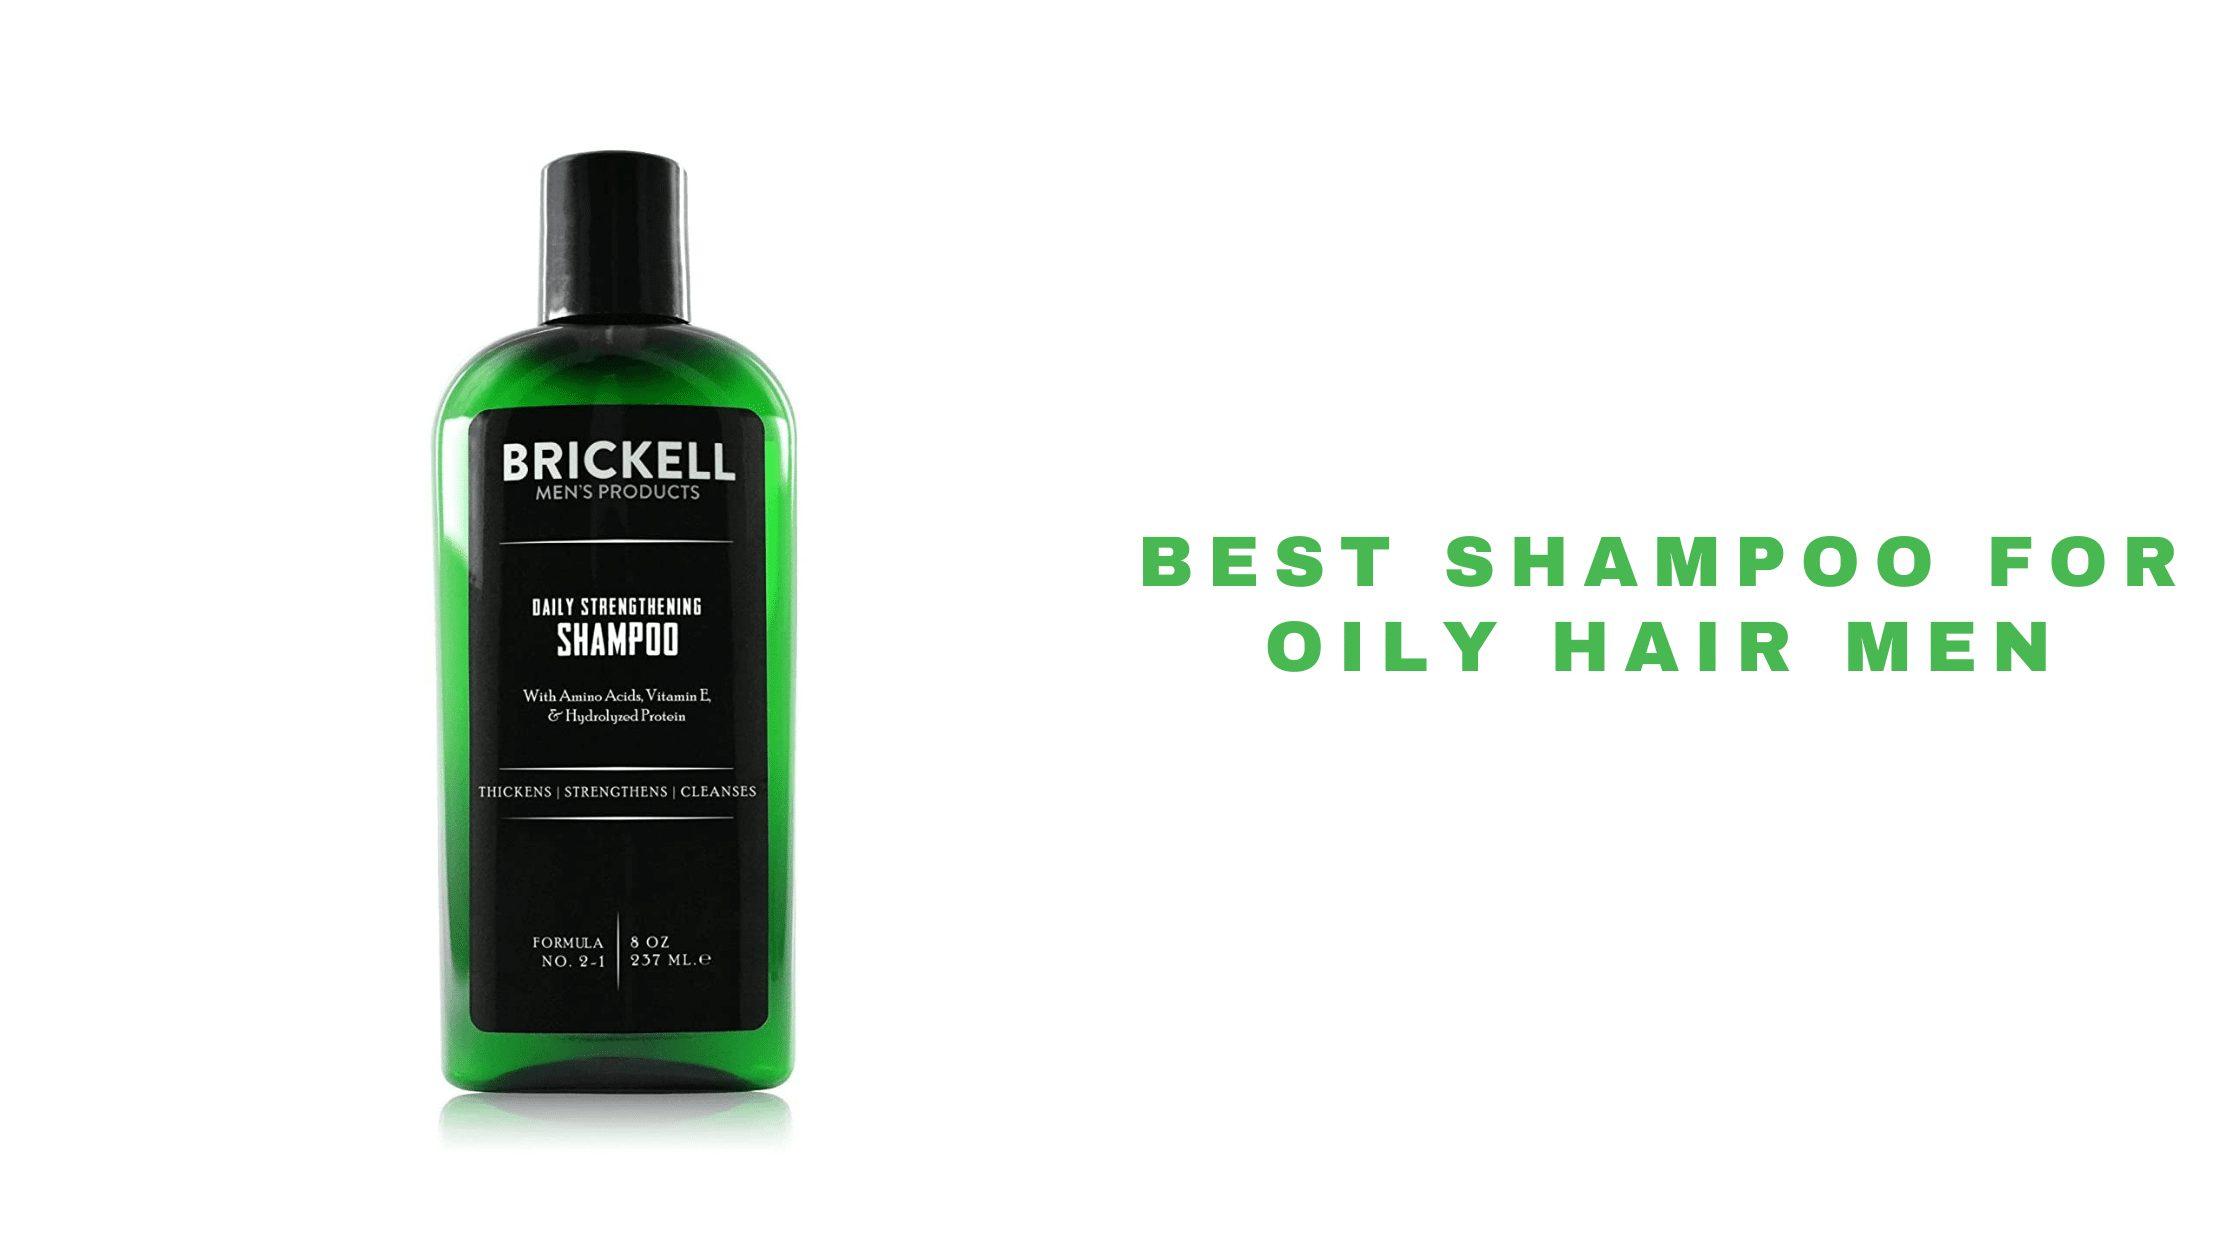 15 Best Shampoo for Oily Hair for Men 2021